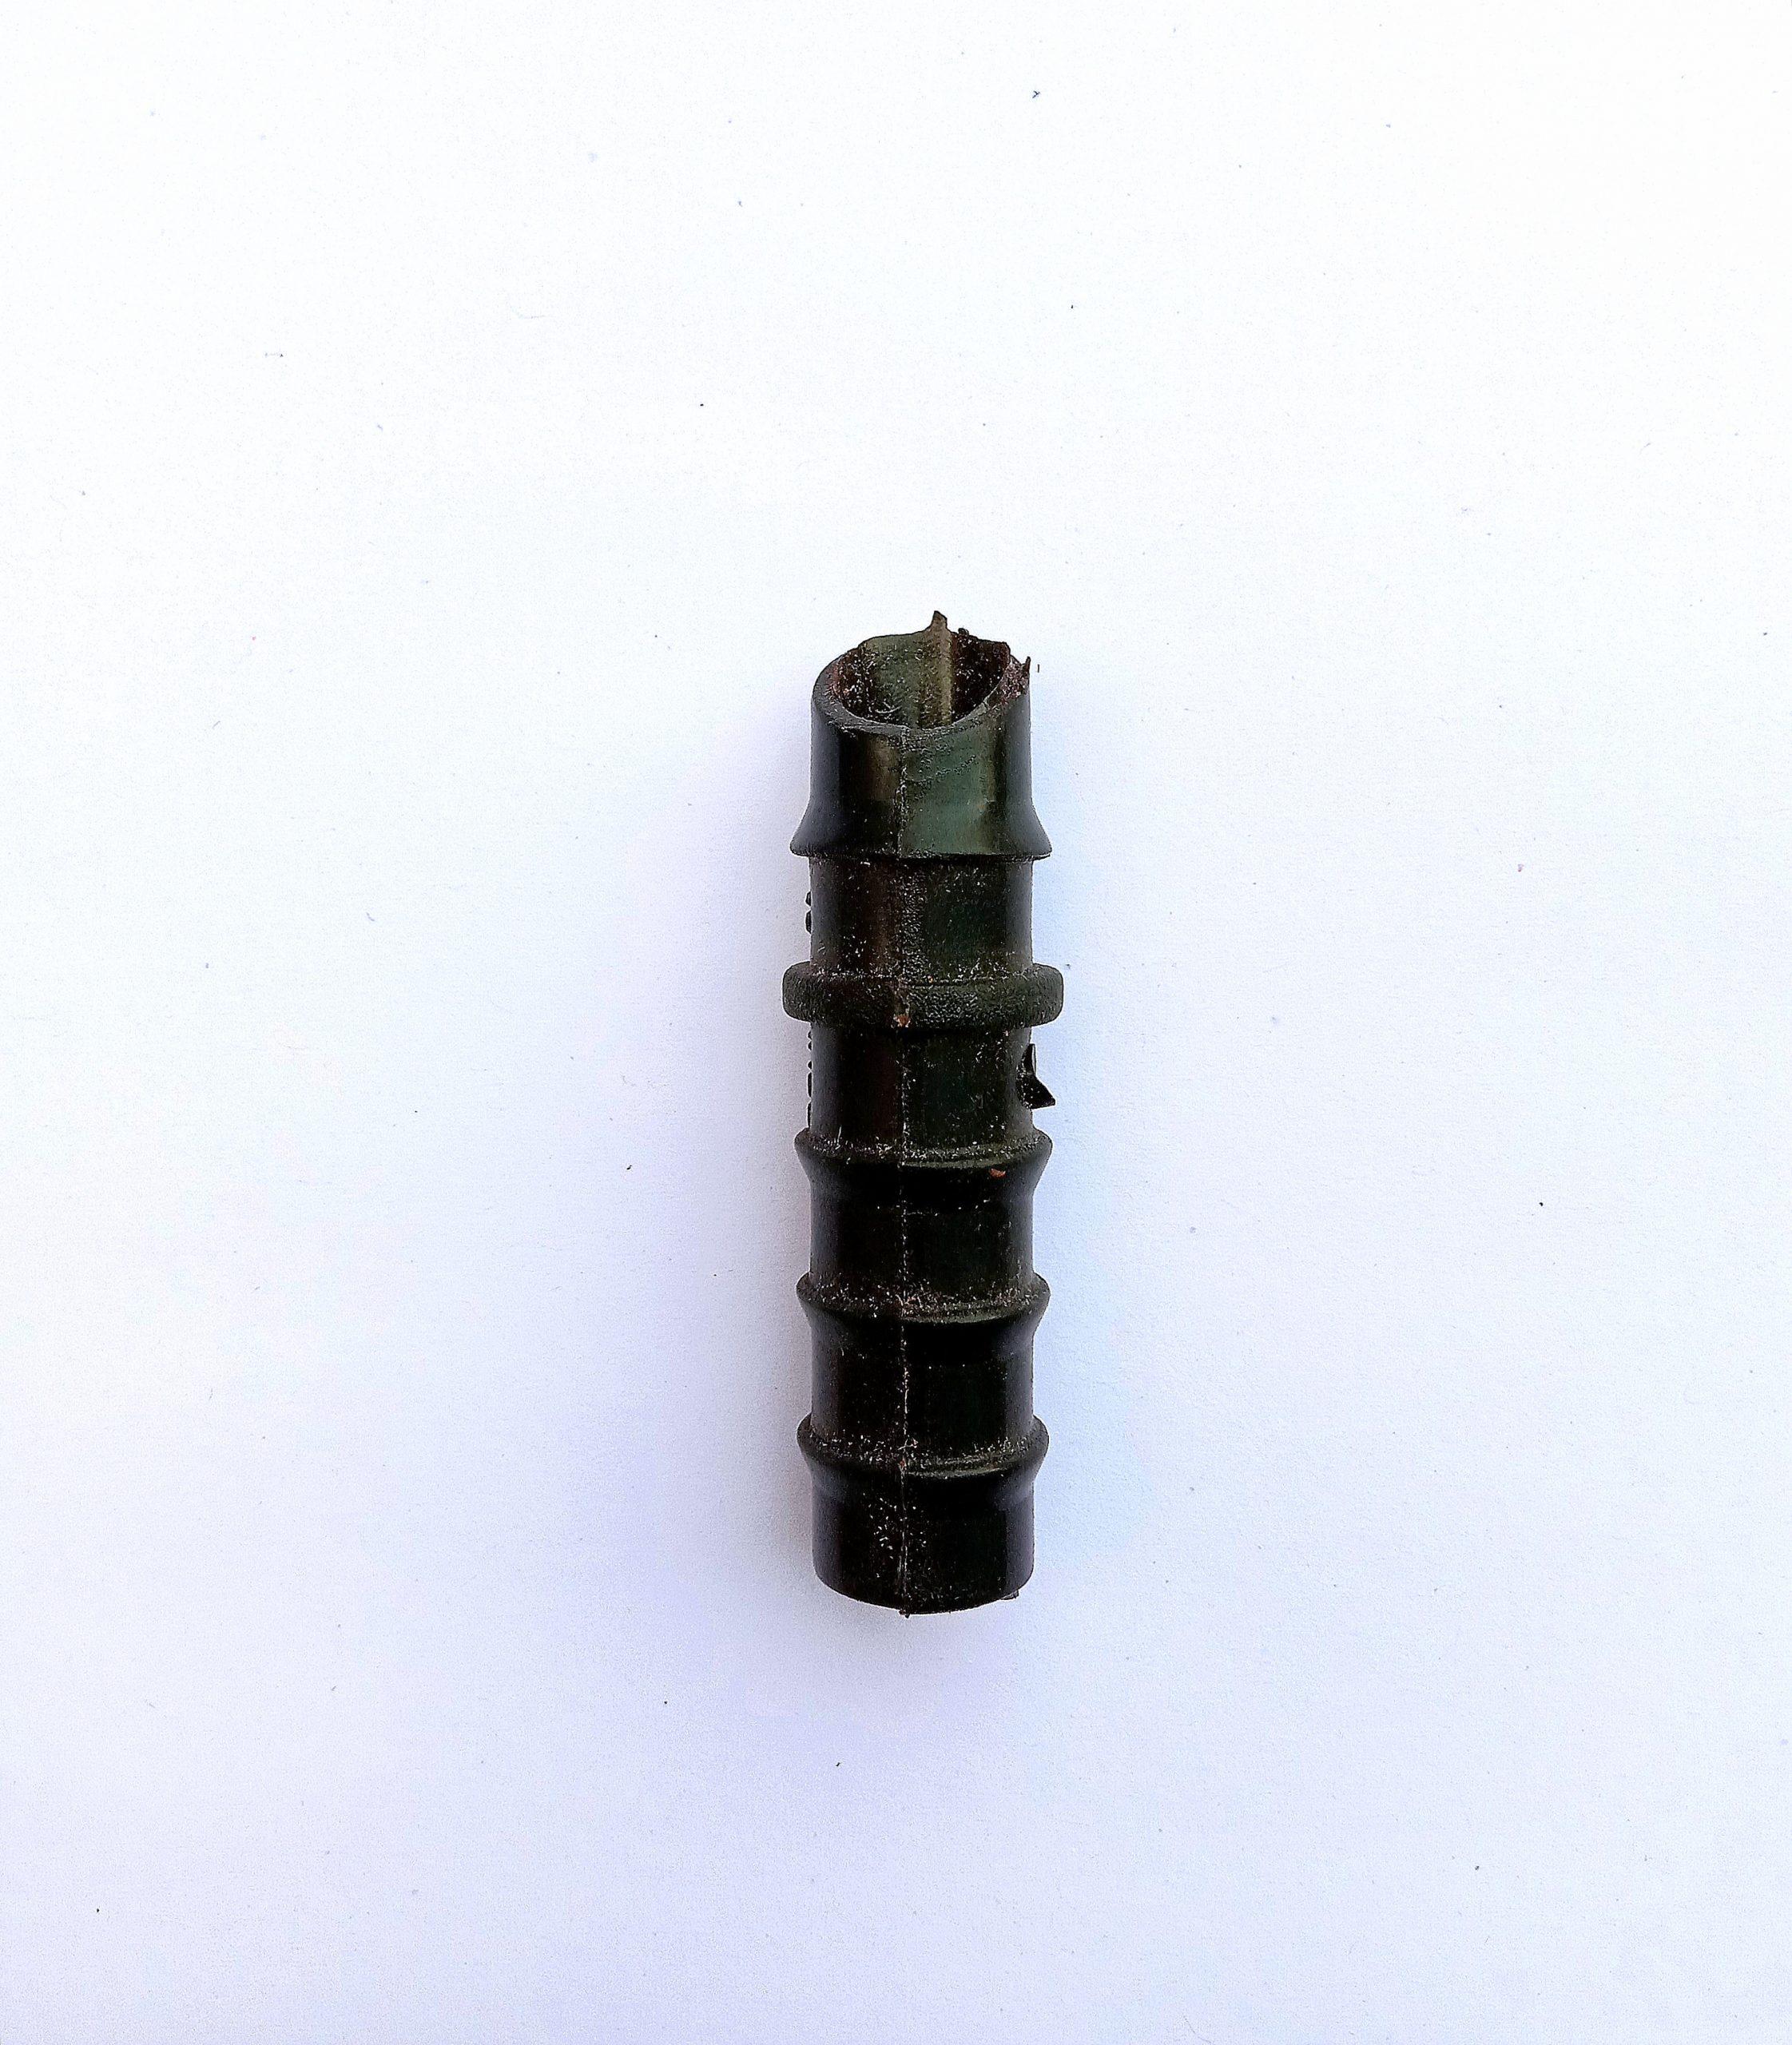 A broken pipe